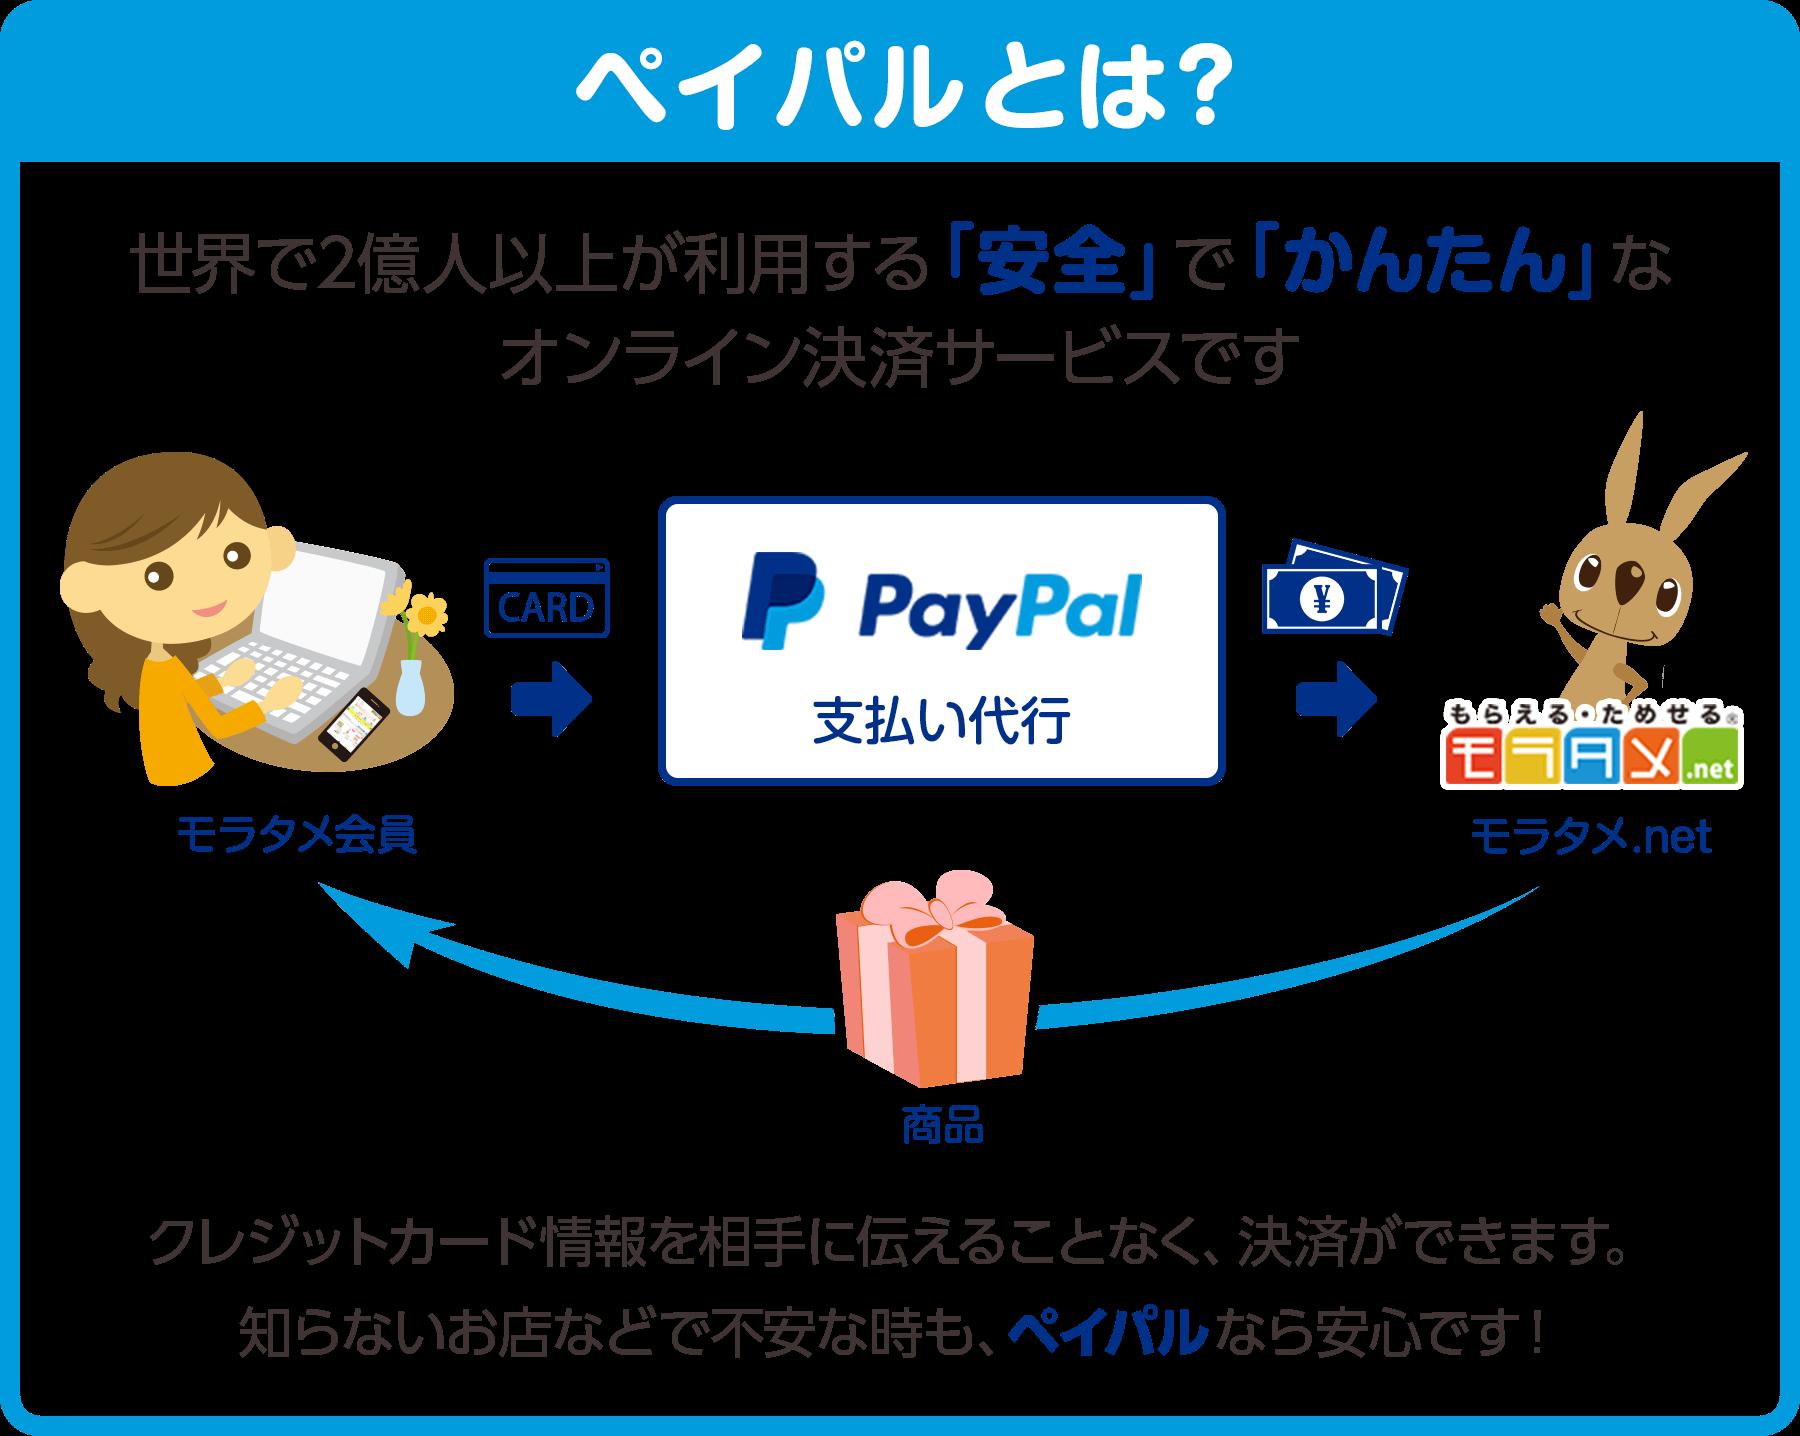 ペイパルとは?世界で2億人以上が利用する「安全」で「かんたん」な オンライン決済サービスです